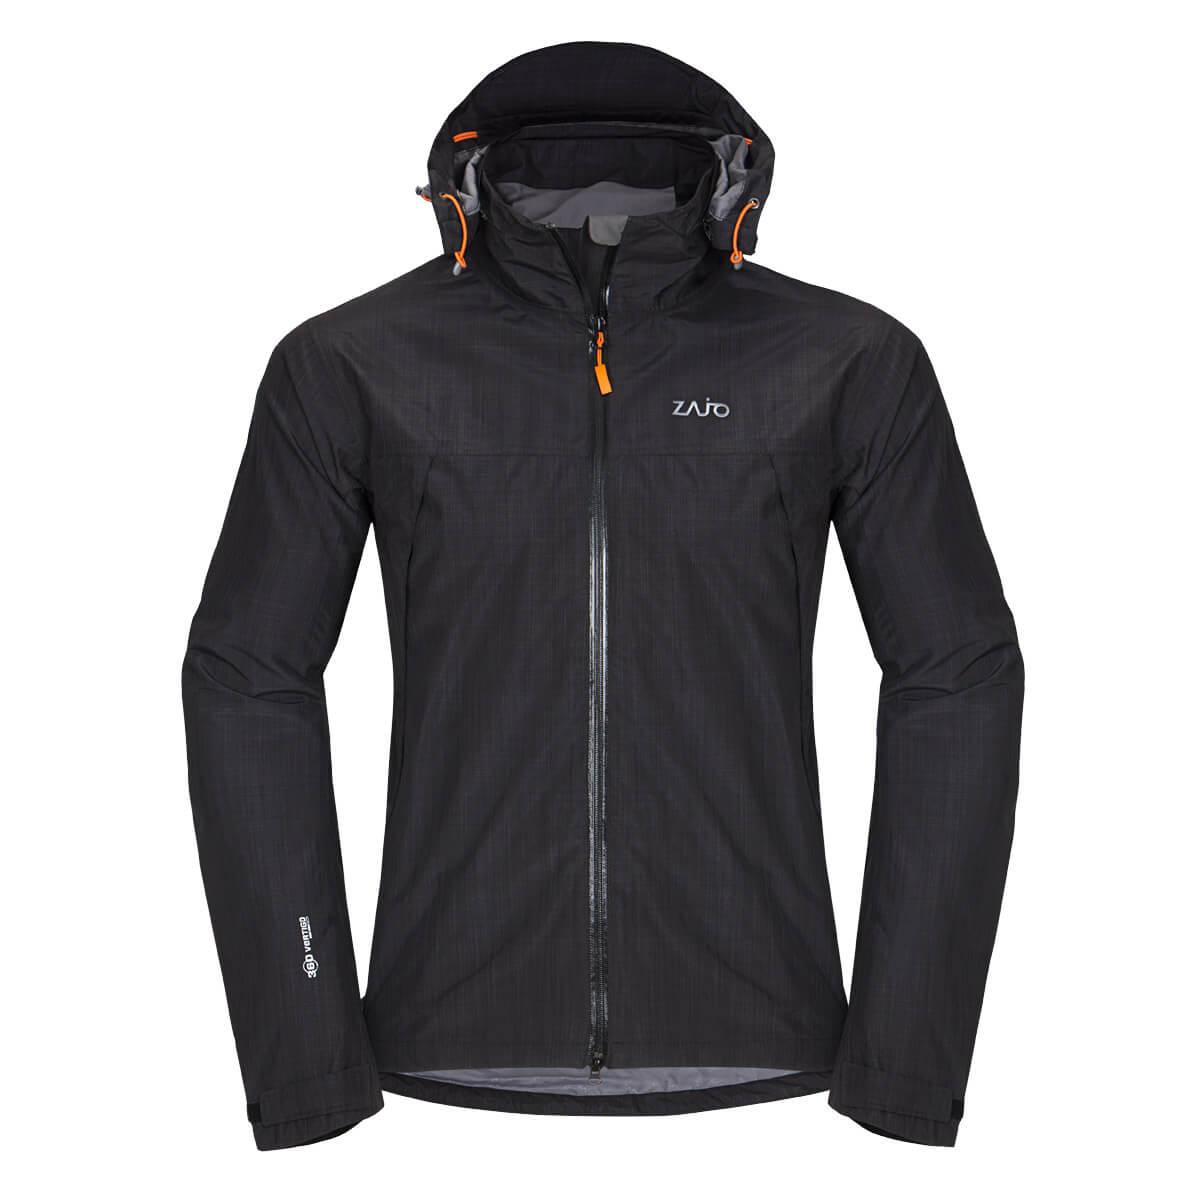 Pánska bunda Gasherbrum Neo JKT Black - veľkosť L